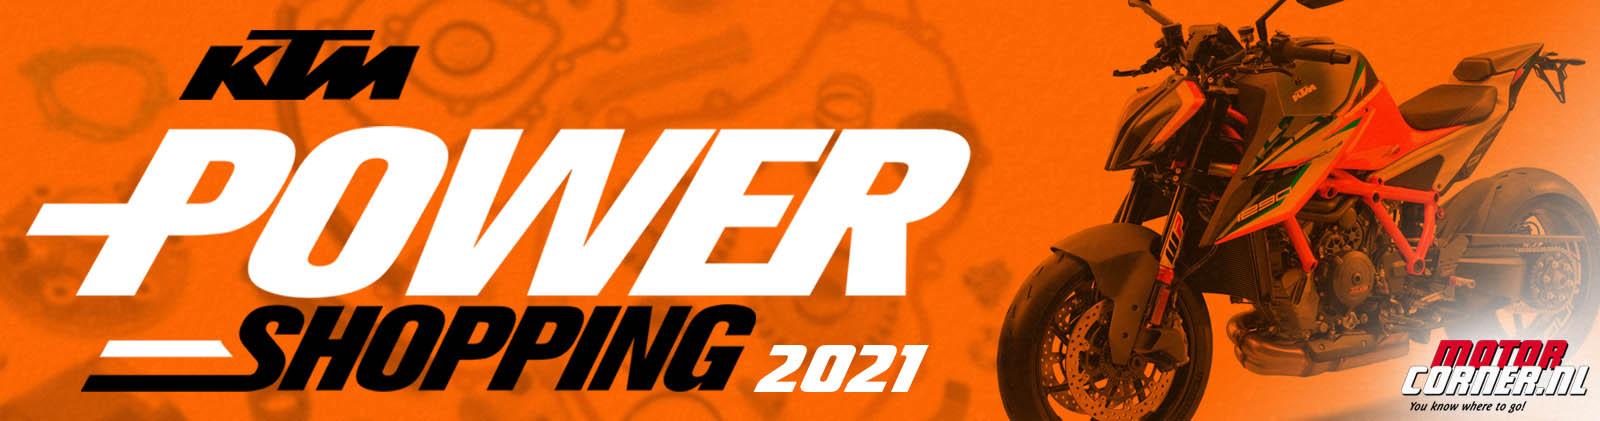 Powershopping